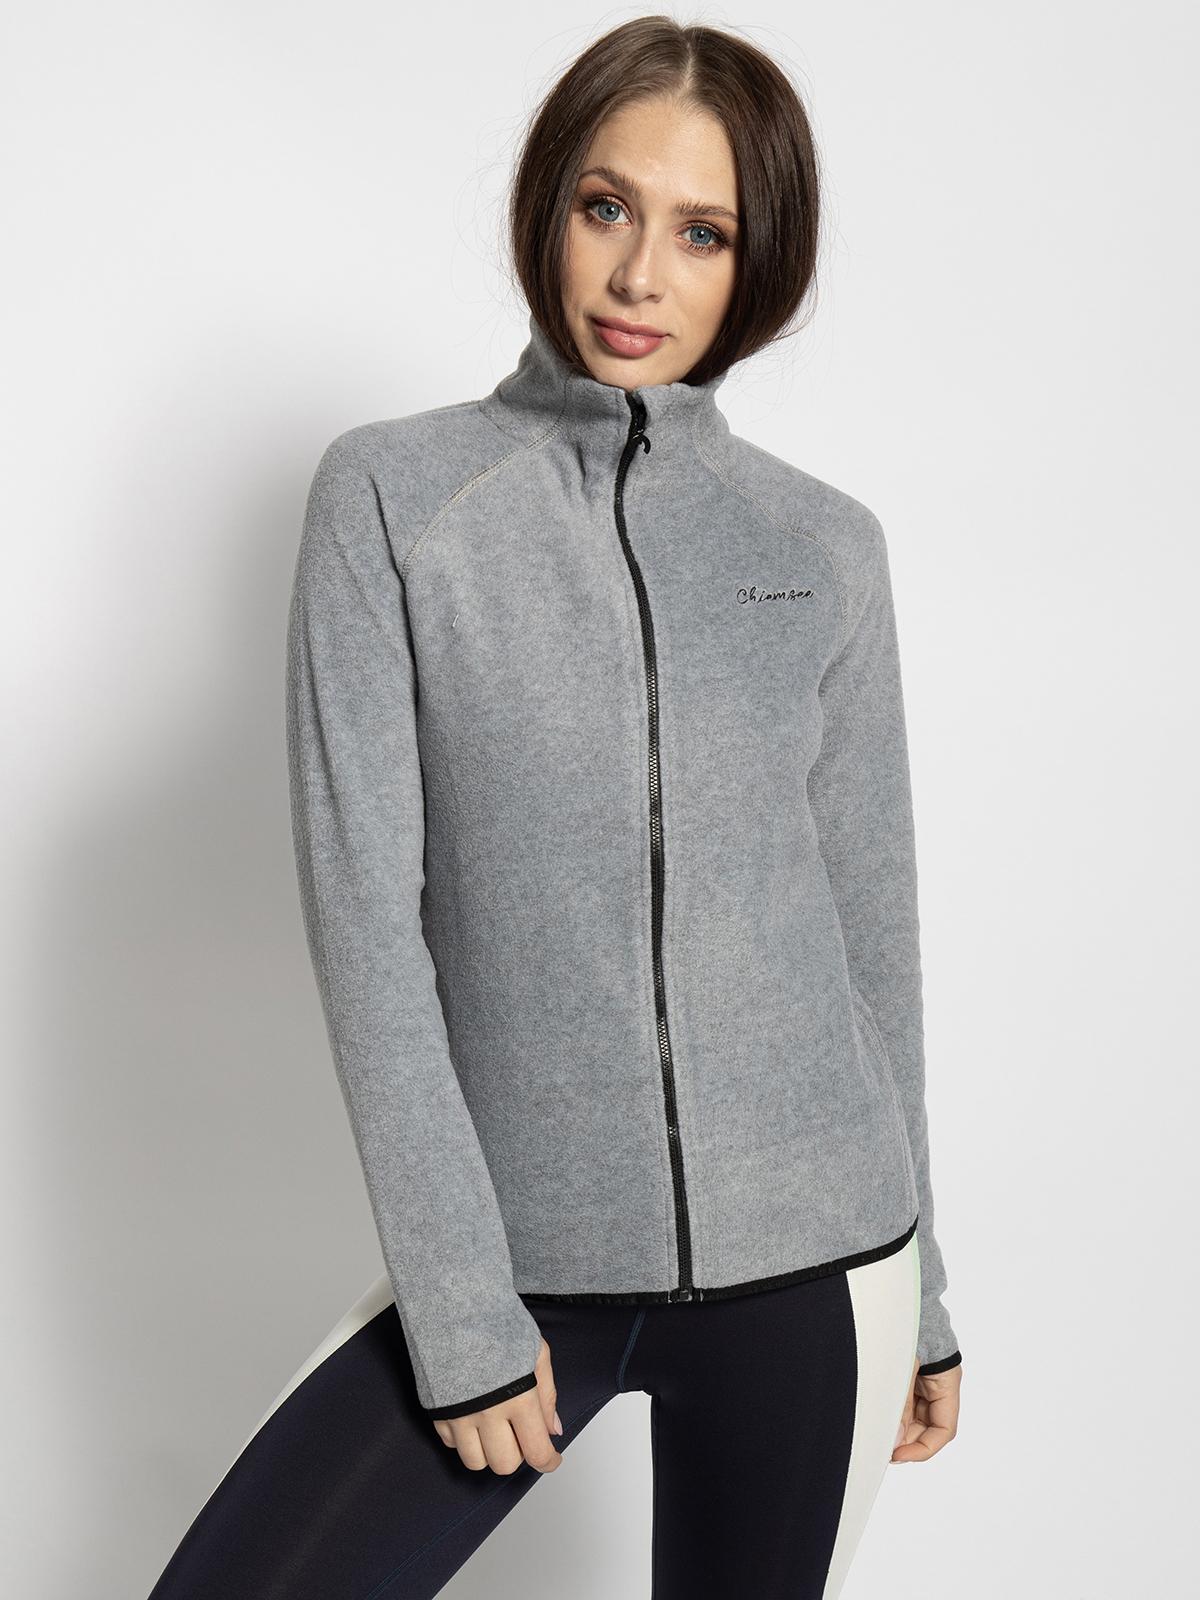 Chiemsee Fleecevest in grijs voor Dames